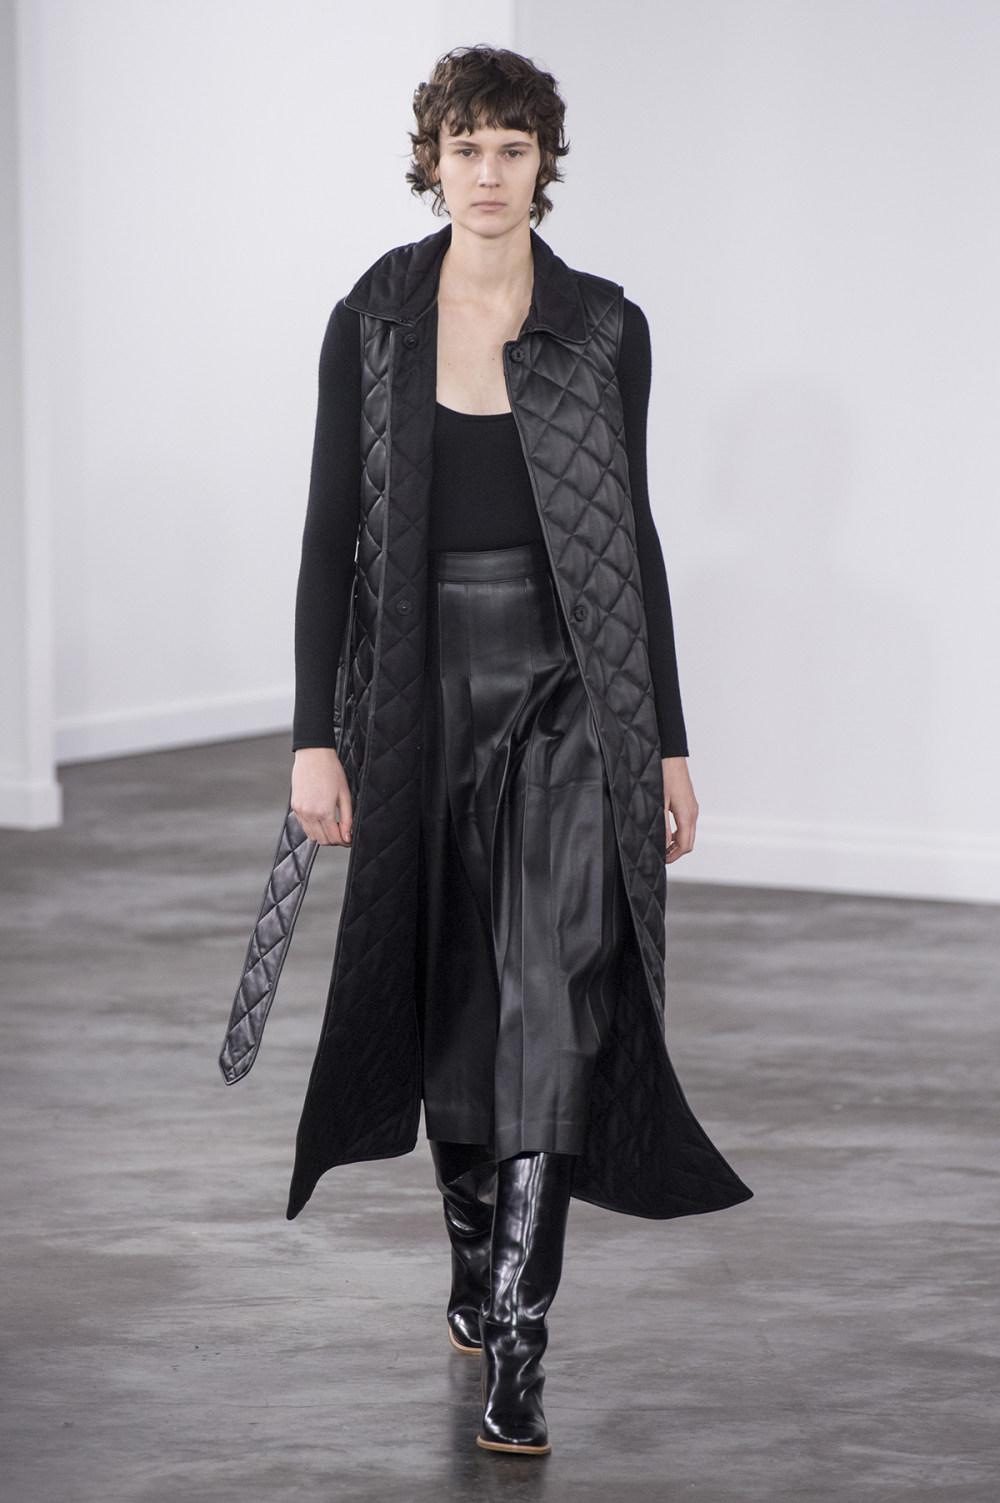 Gabriela Hearst时装系列细条纹西装和宽大毛衣之间形成鲜明对比-3.jpg